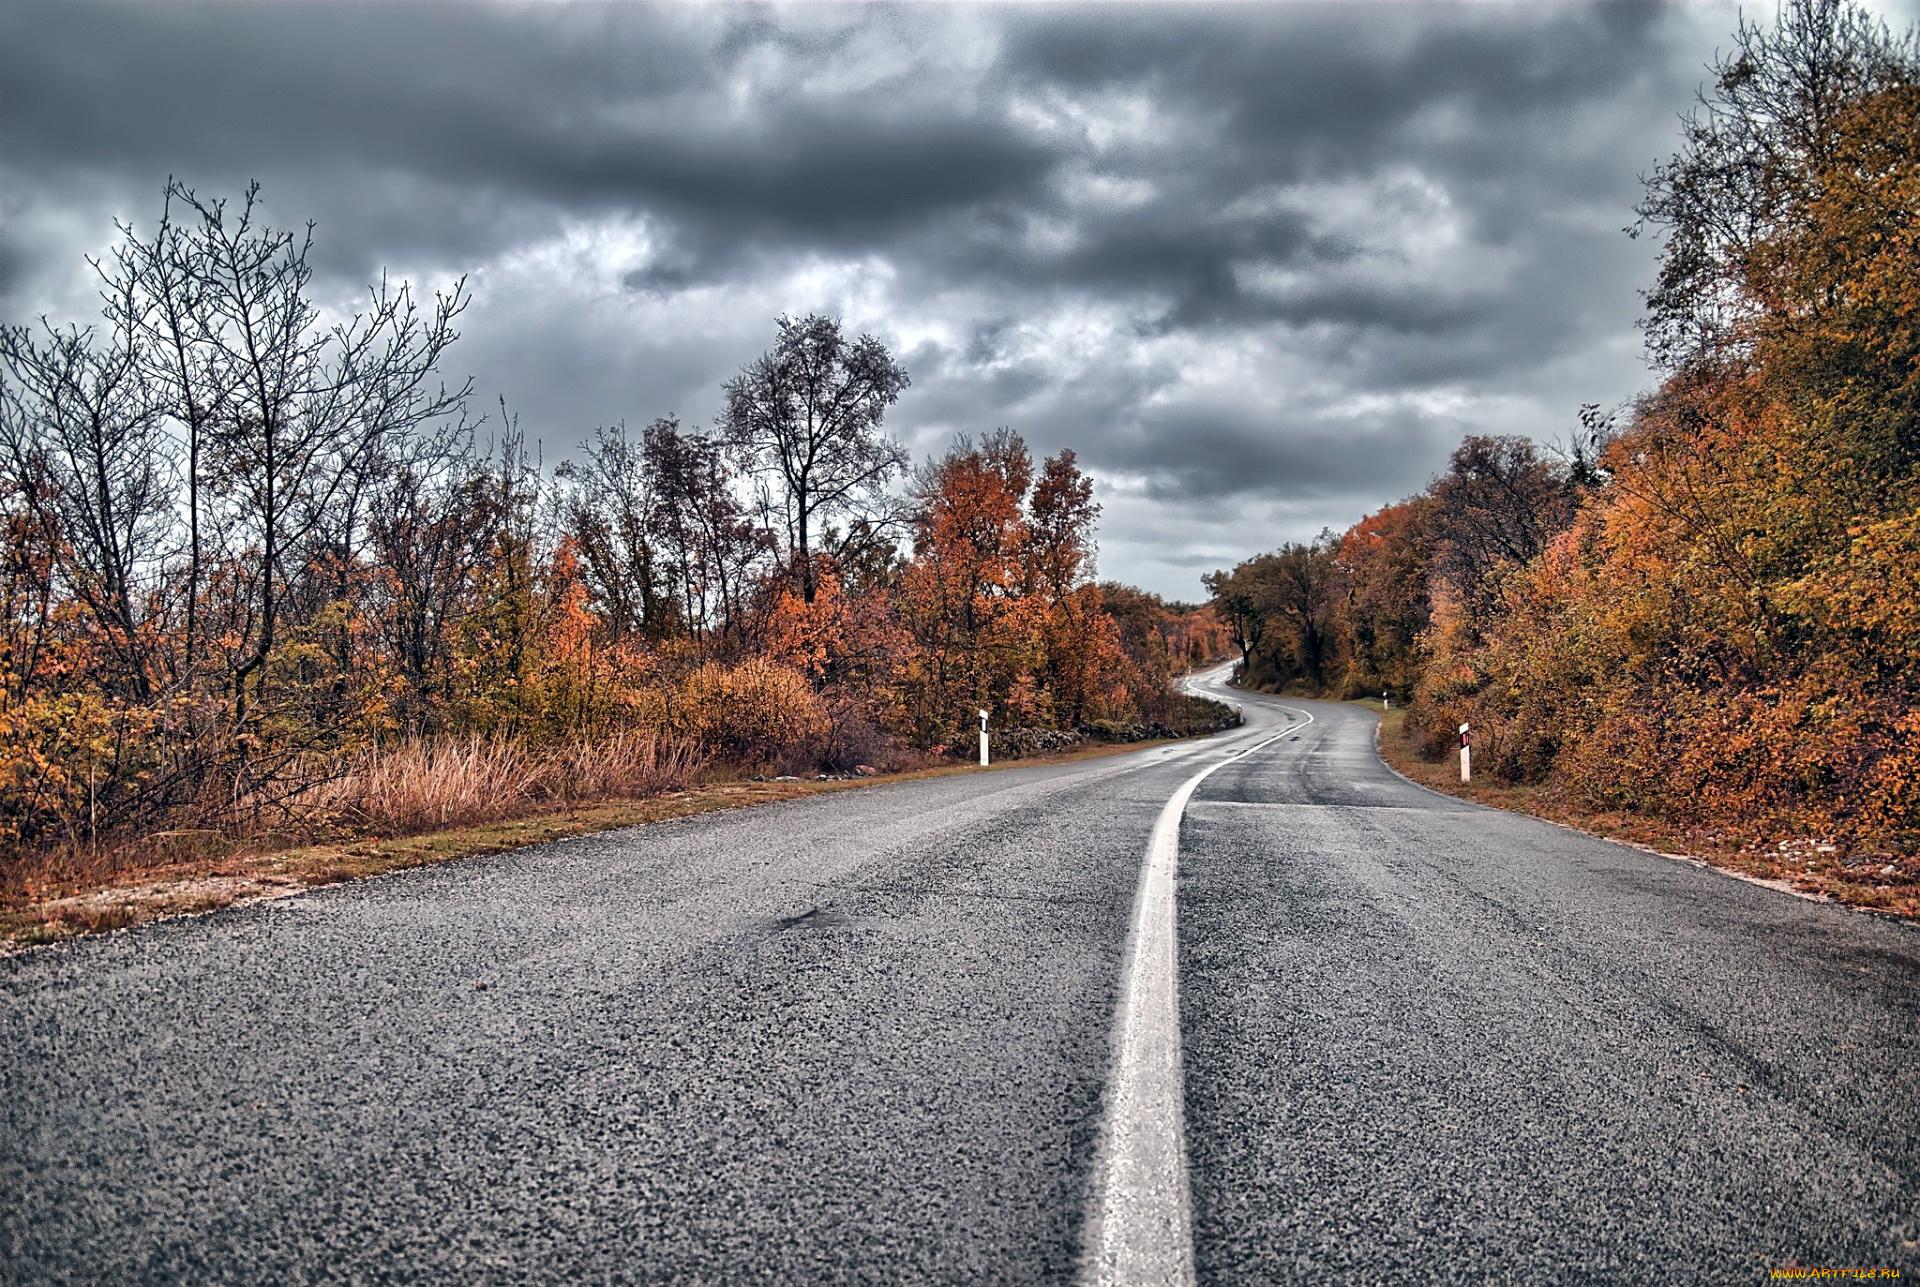 фотографии осень дороги зрителя телеведущая